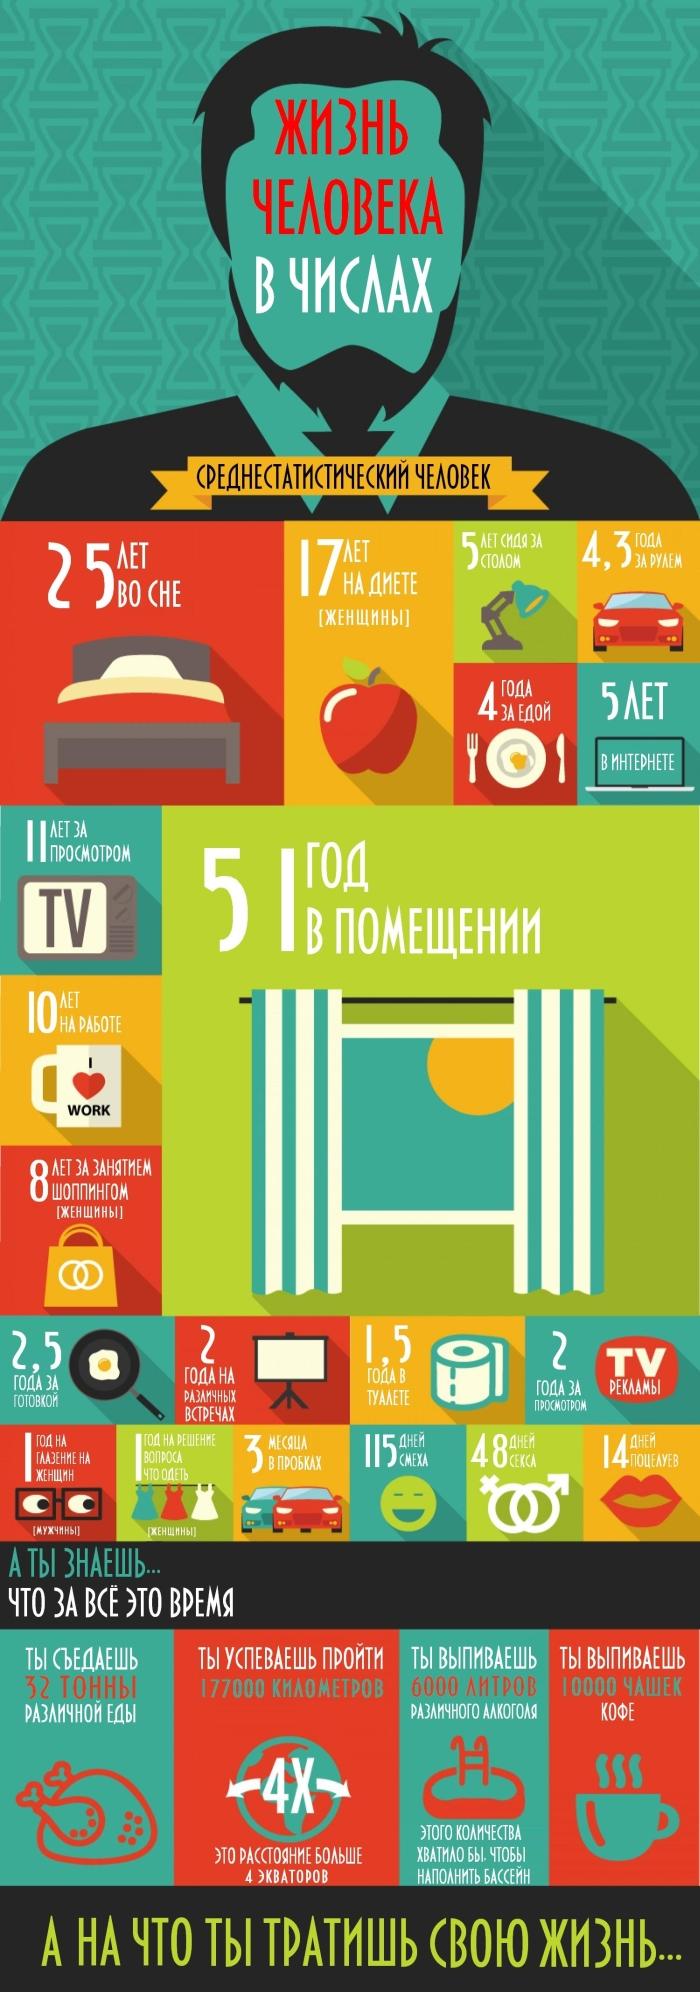 Инфографика: на что современный человек тратит свою жизнь? (1 картинка)